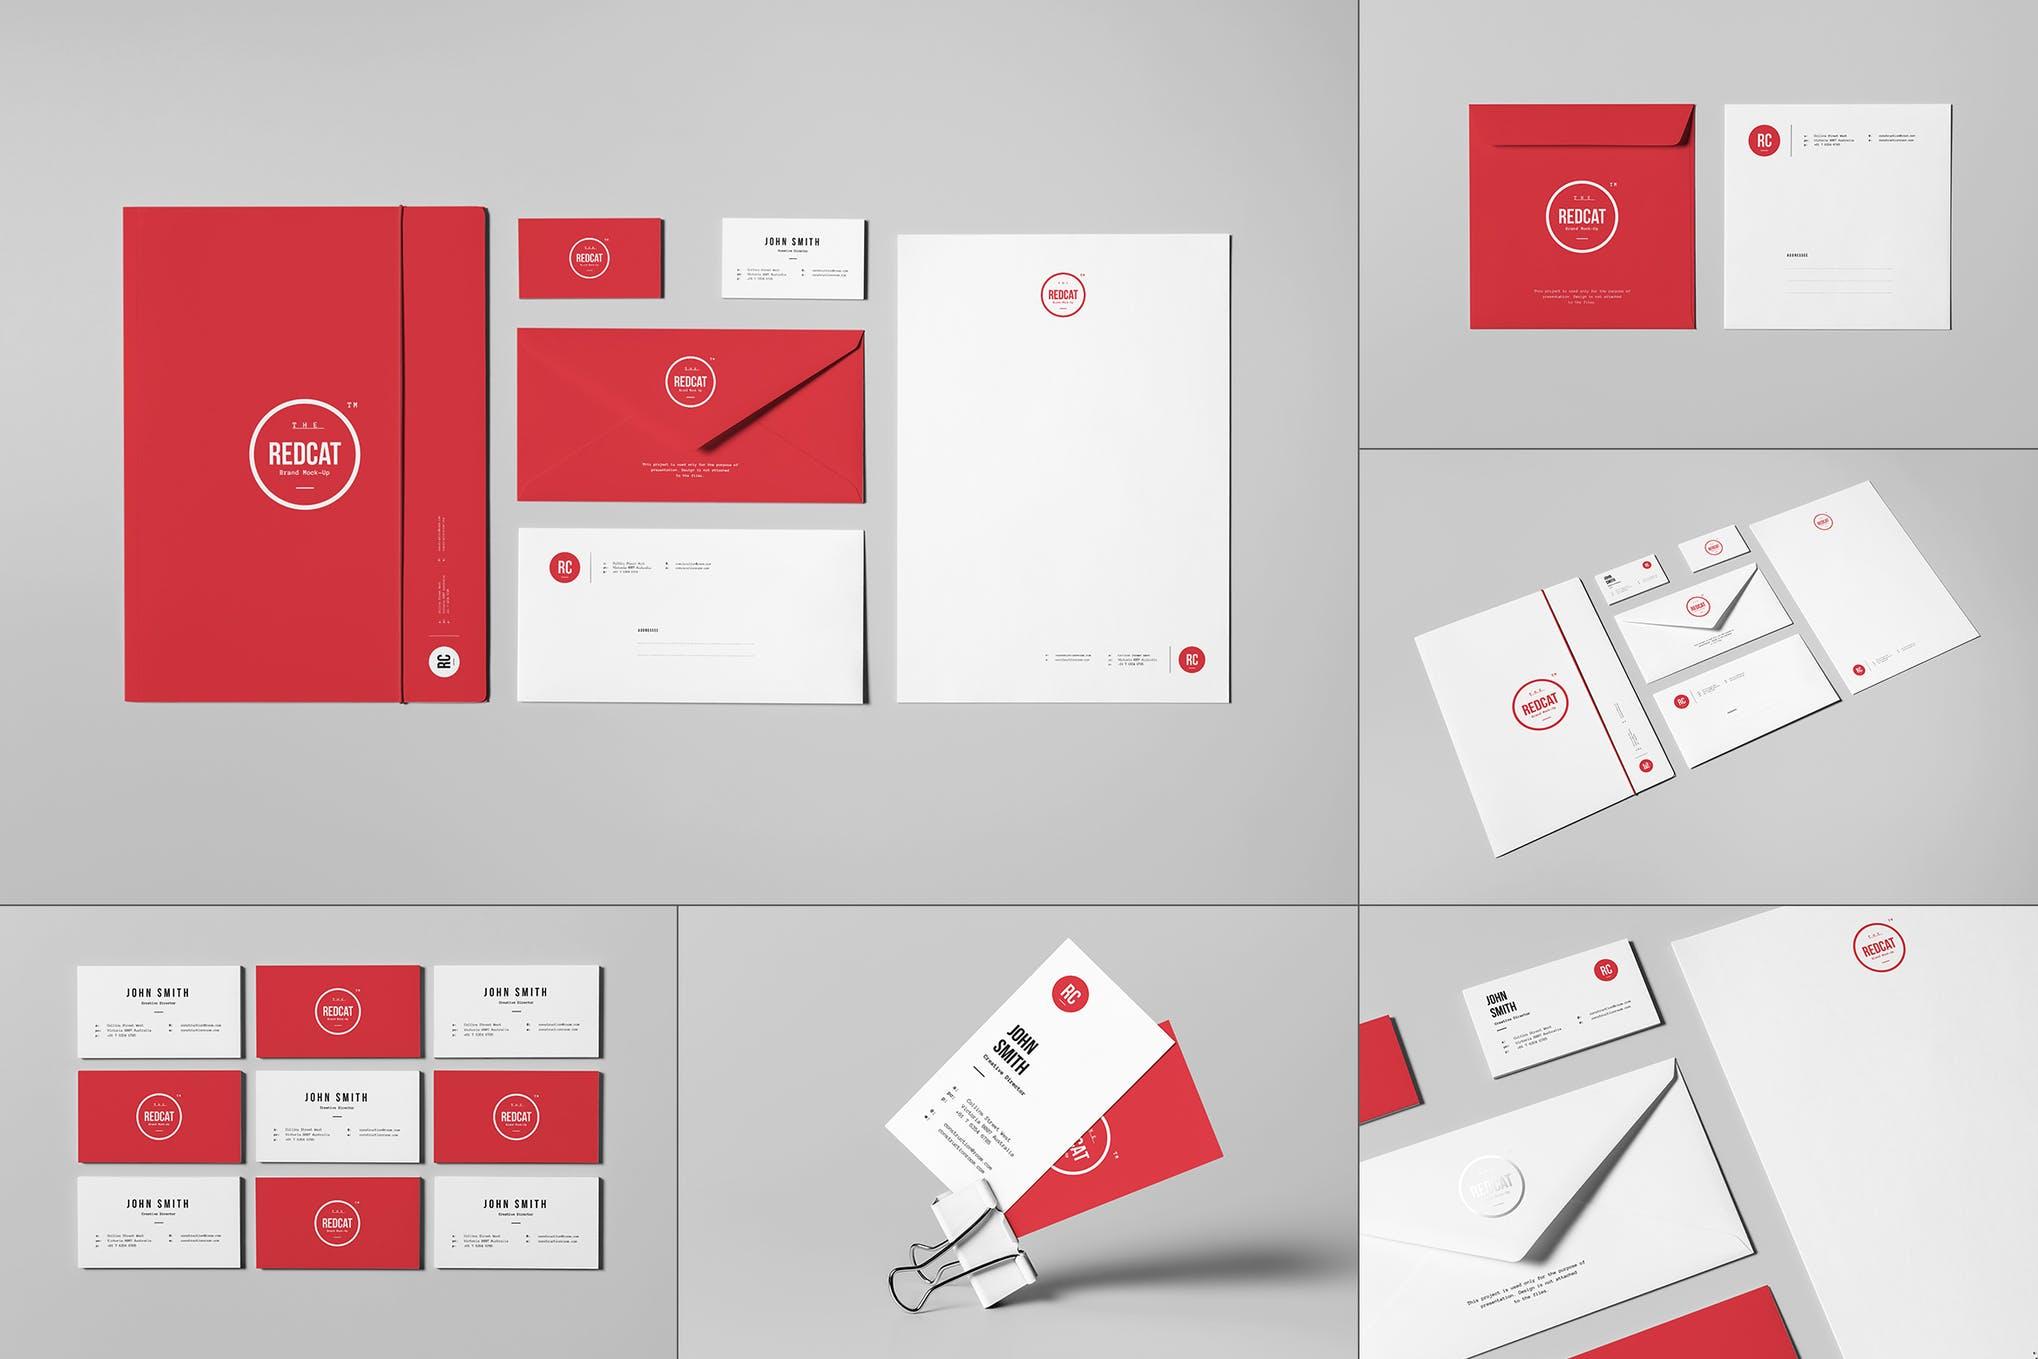 自定义品牌办公场景物品Ver.2插图(1)